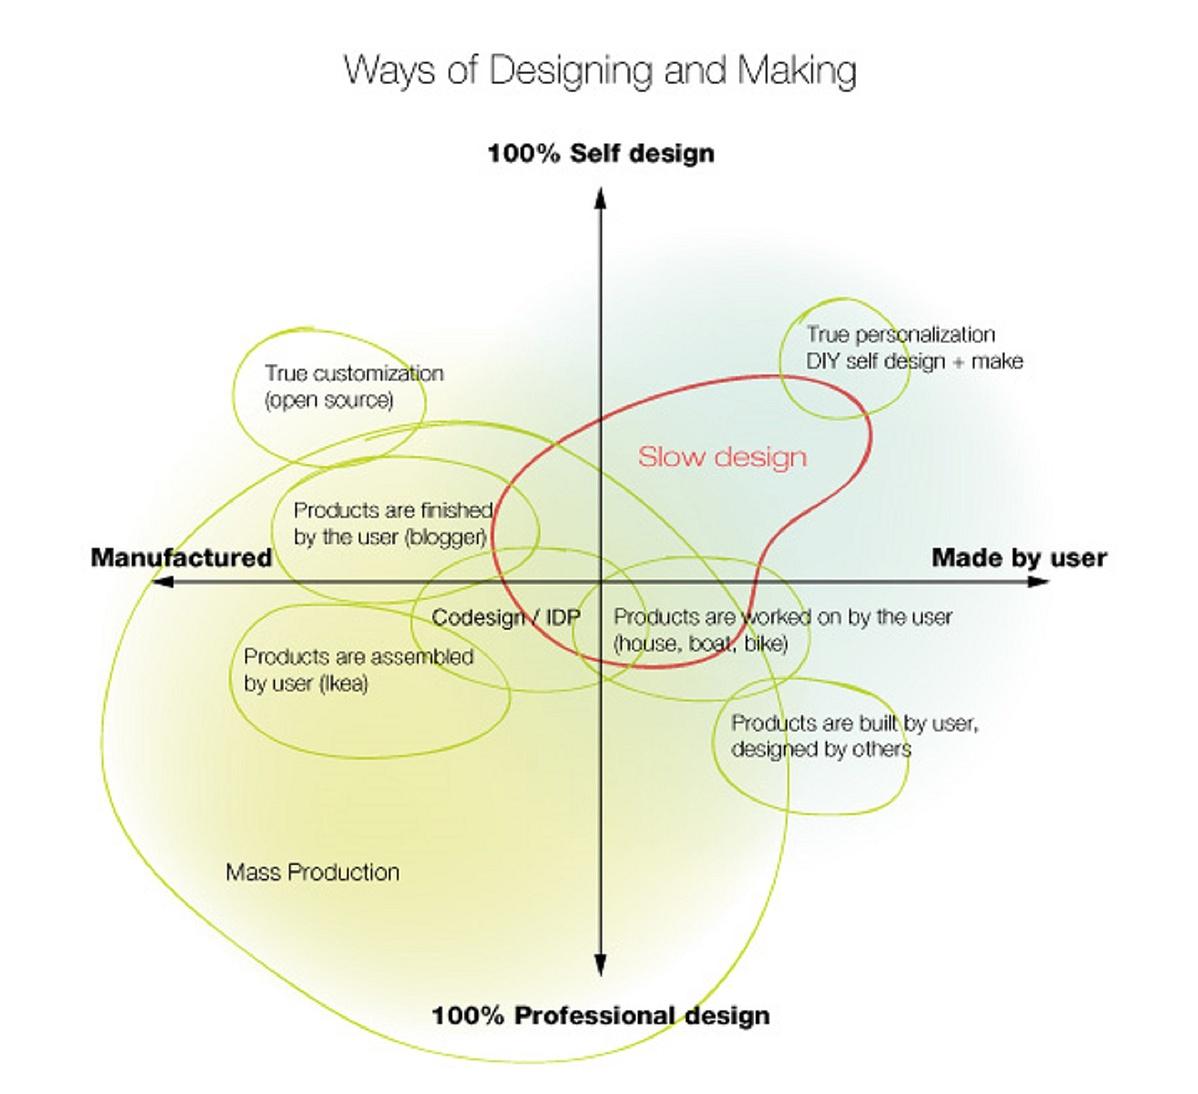 ways_of_making_04_o-102000.jpg